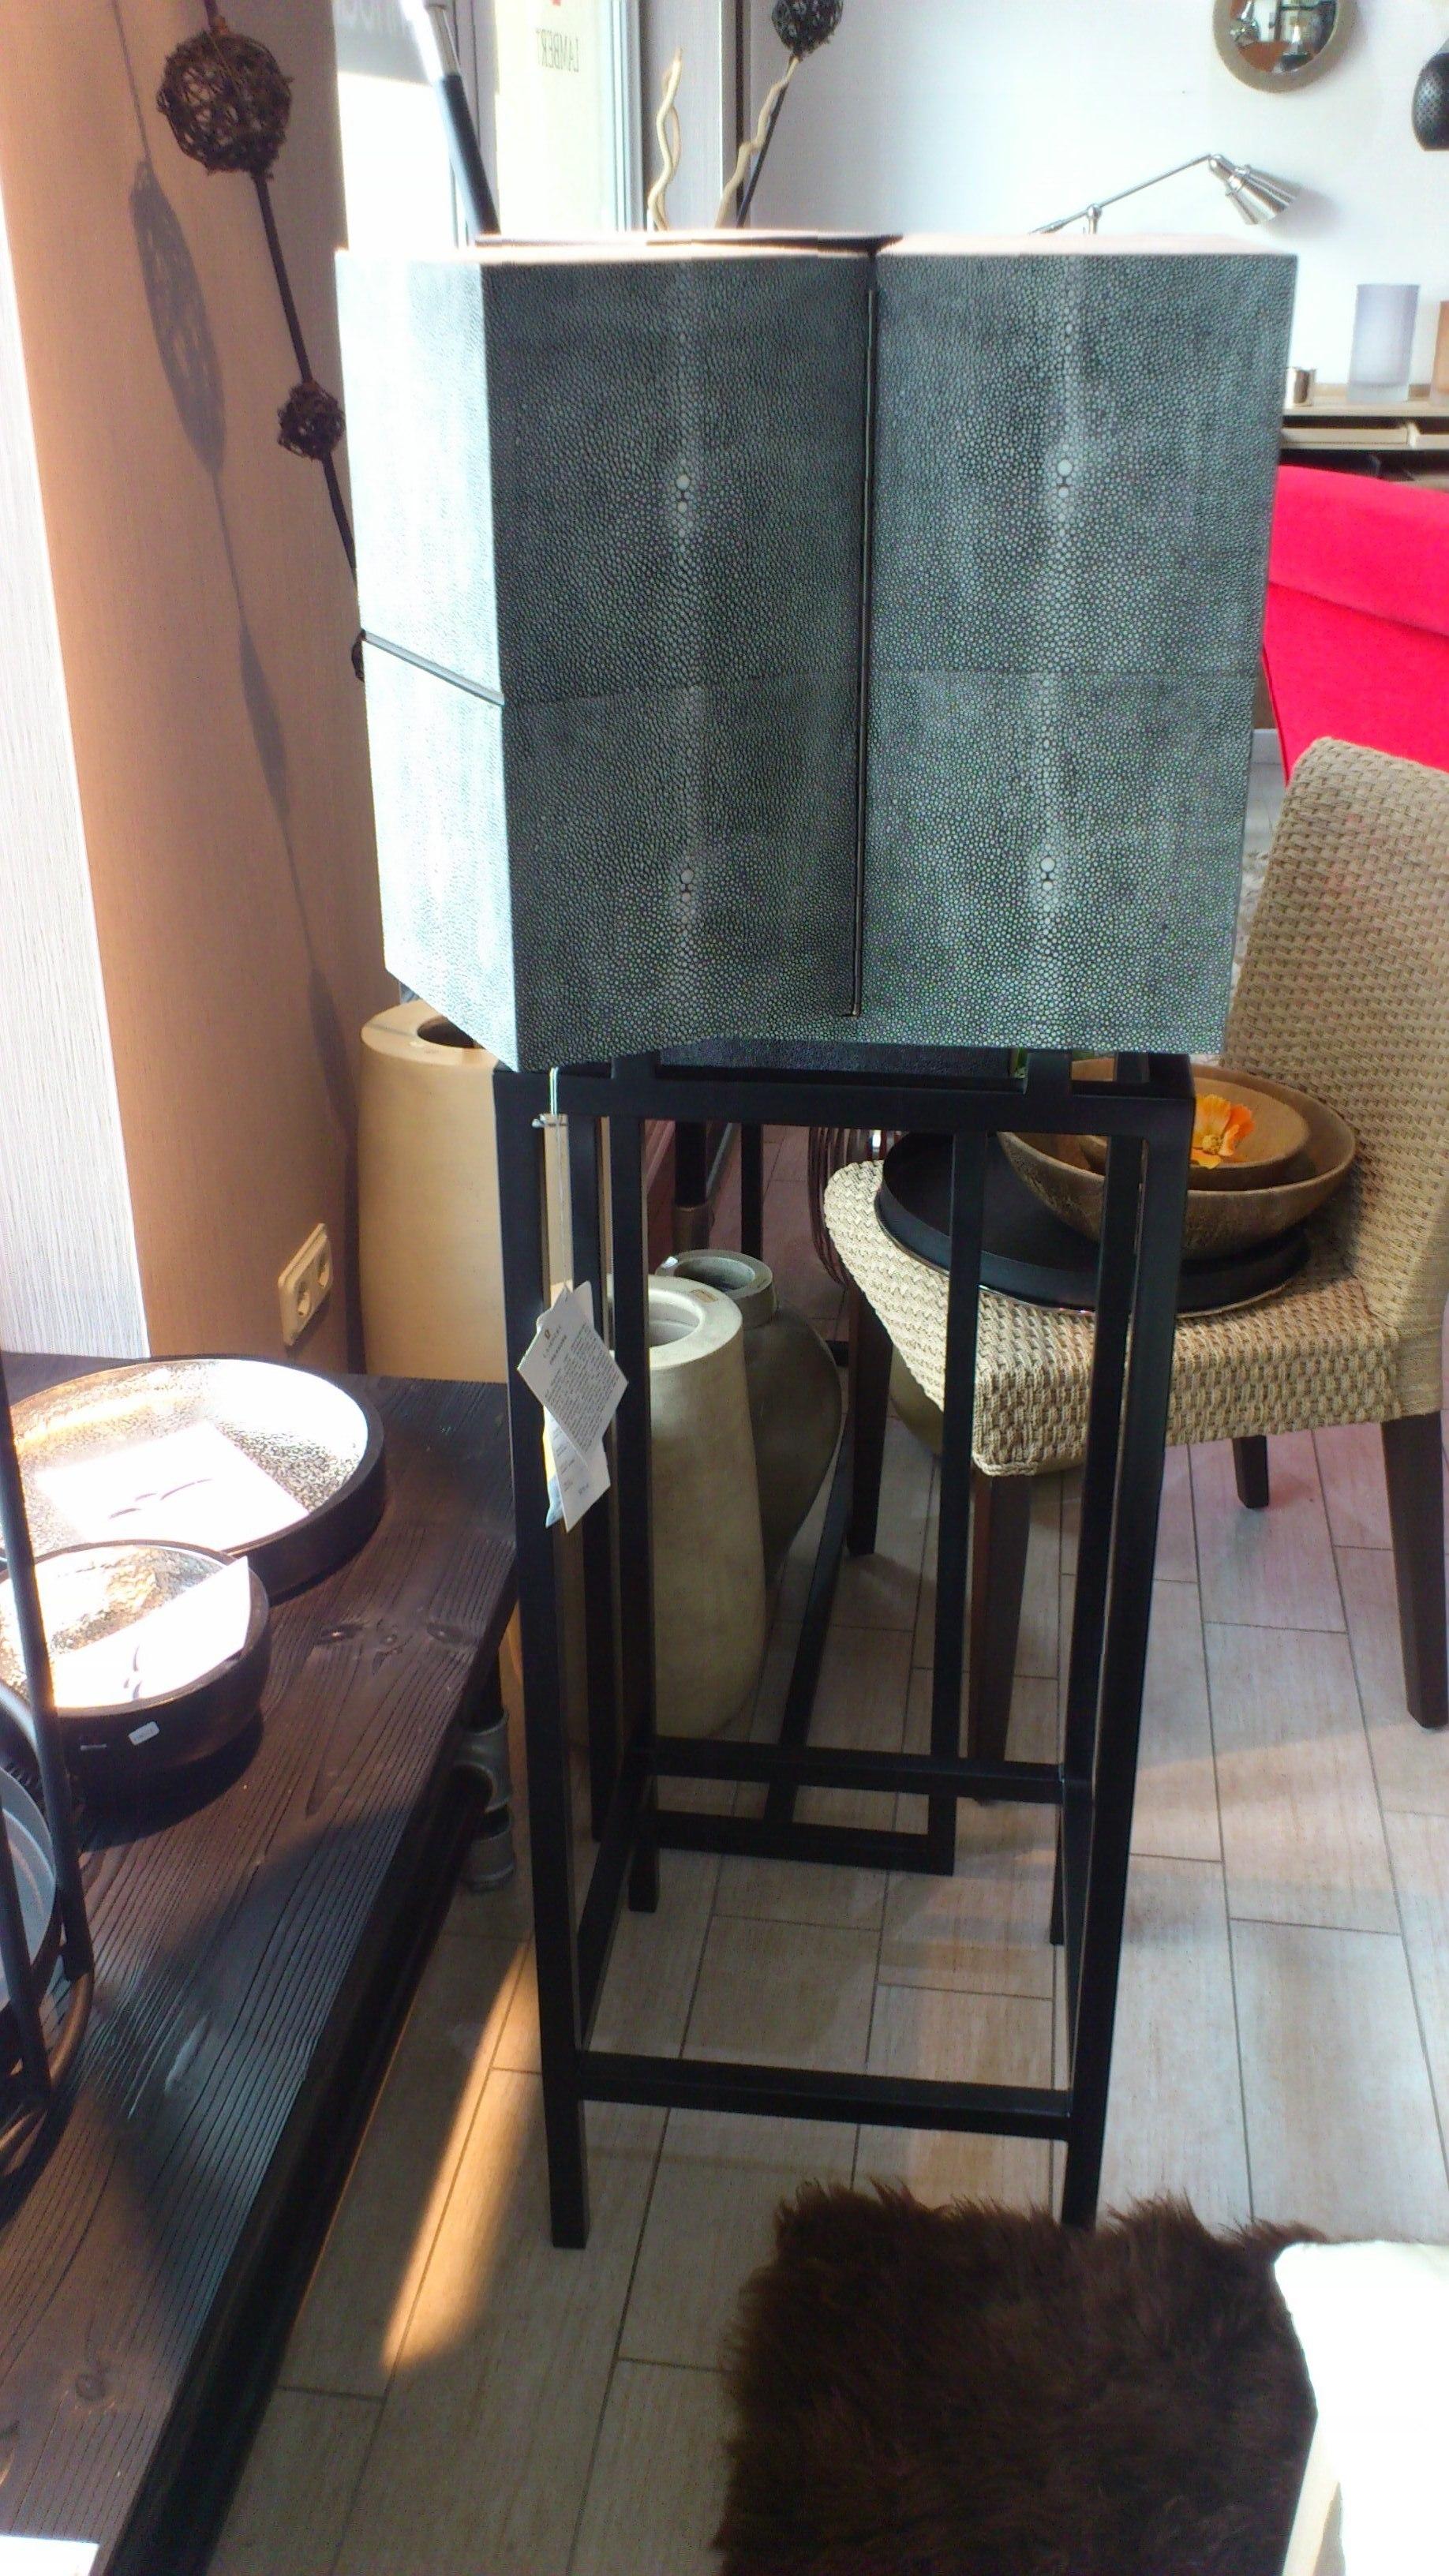 neuheiten von lambert wohnbar bad salzungen m bel. Black Bedroom Furniture Sets. Home Design Ideas